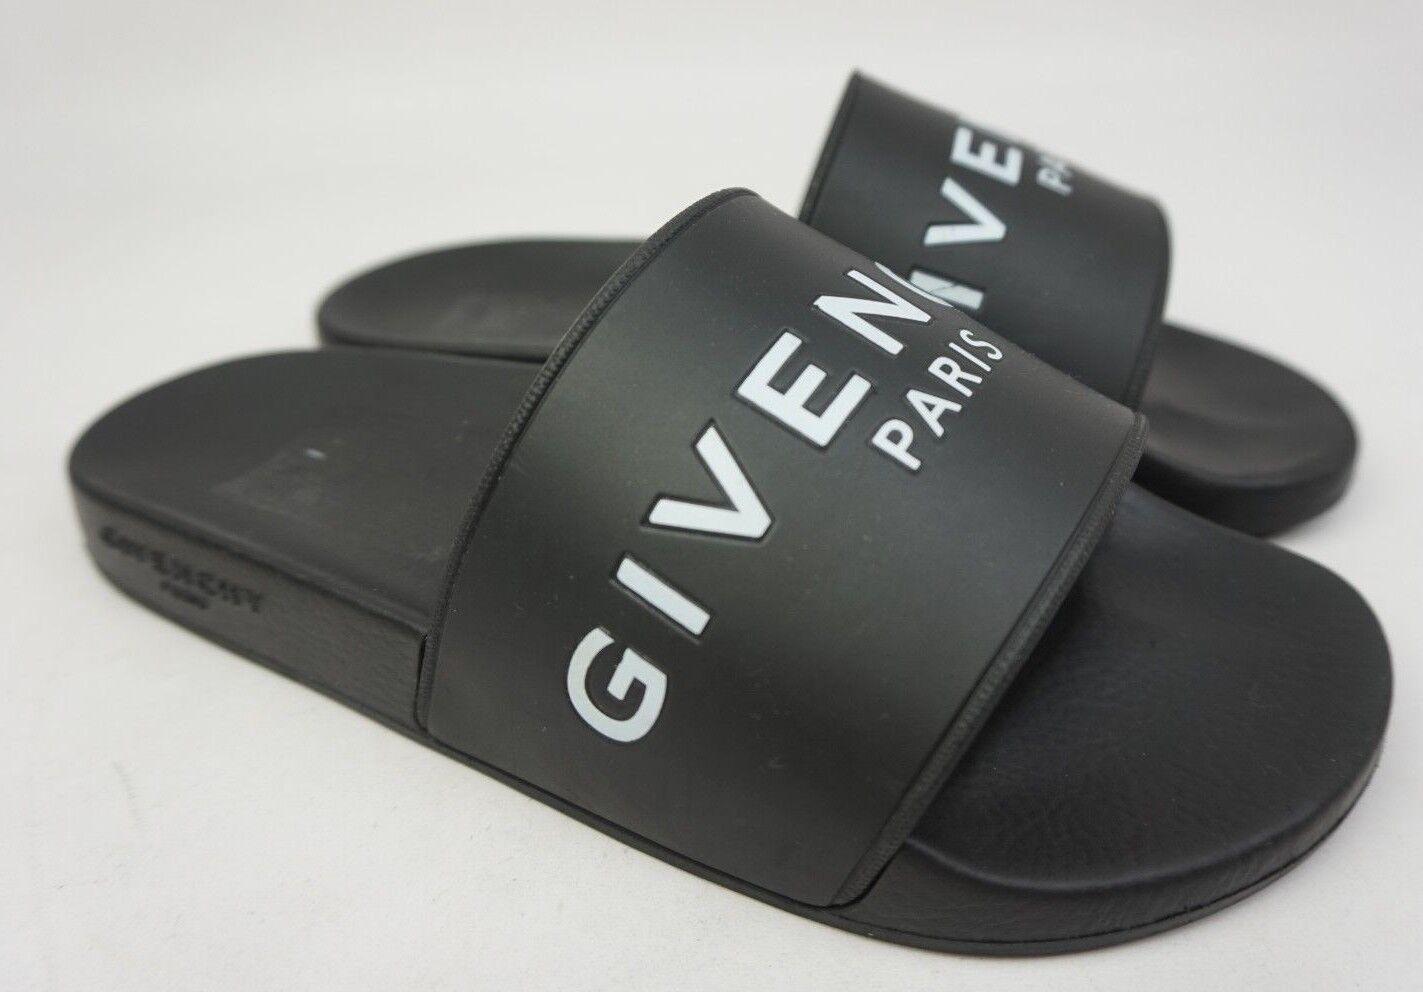 Givenchy Logo Slide Sandals Black Size 39 39 39 EU 594737